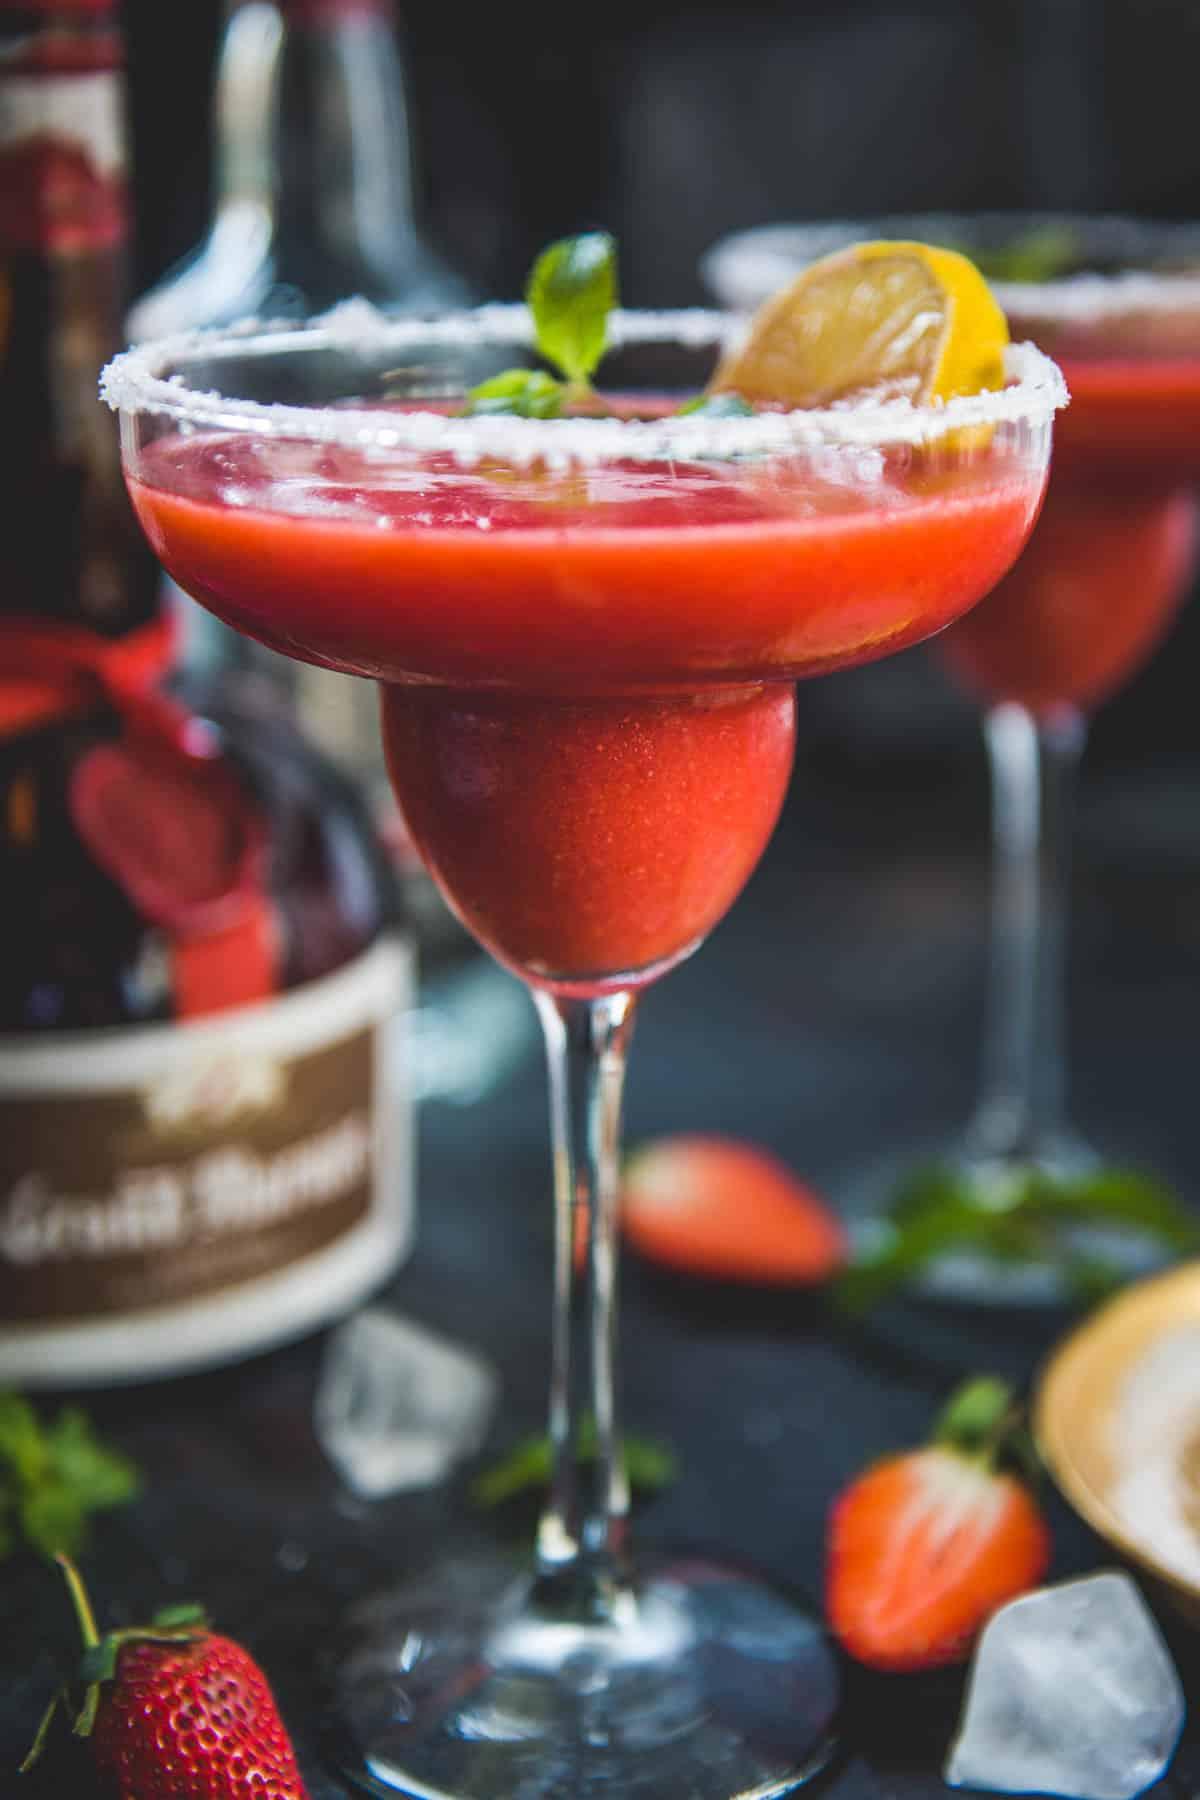 Frozen strawberry margarita served in a margarita glass.